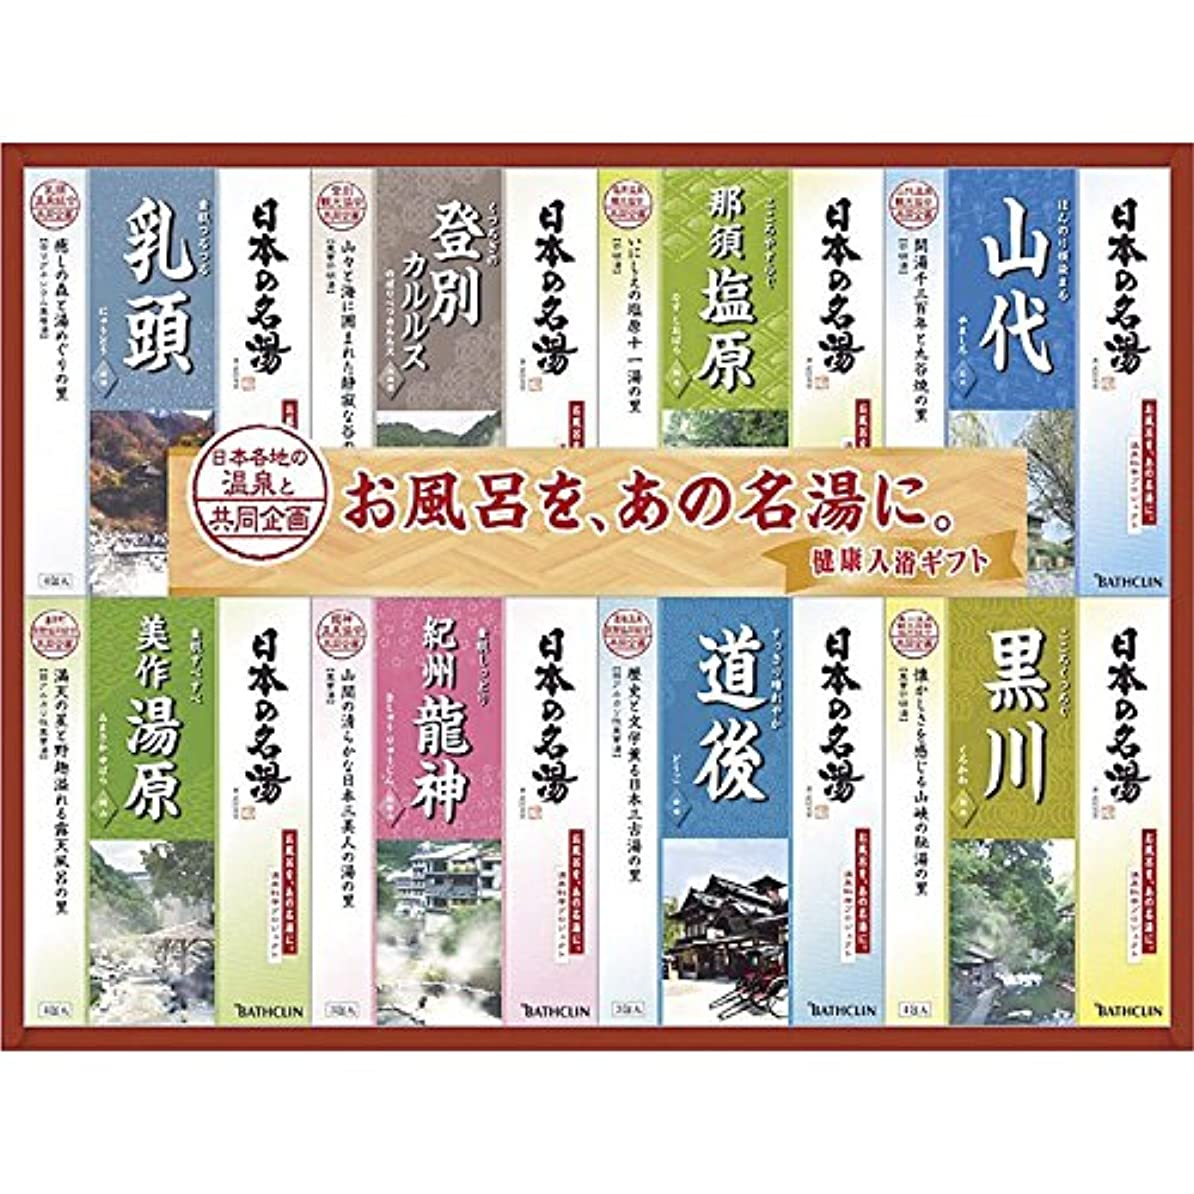 起点遅らせる一方、バスクリン 日本の名湯 ギフトセット NMG-30F 【個包装 セット 詰め合わせ 疲労回復 ご褒美 贅沢 プチギフト 温まる 温泉 粉 ご当地 まとめ買い 名湯 リラックス 美肌 つめあわせ やさしい やすらぎ】